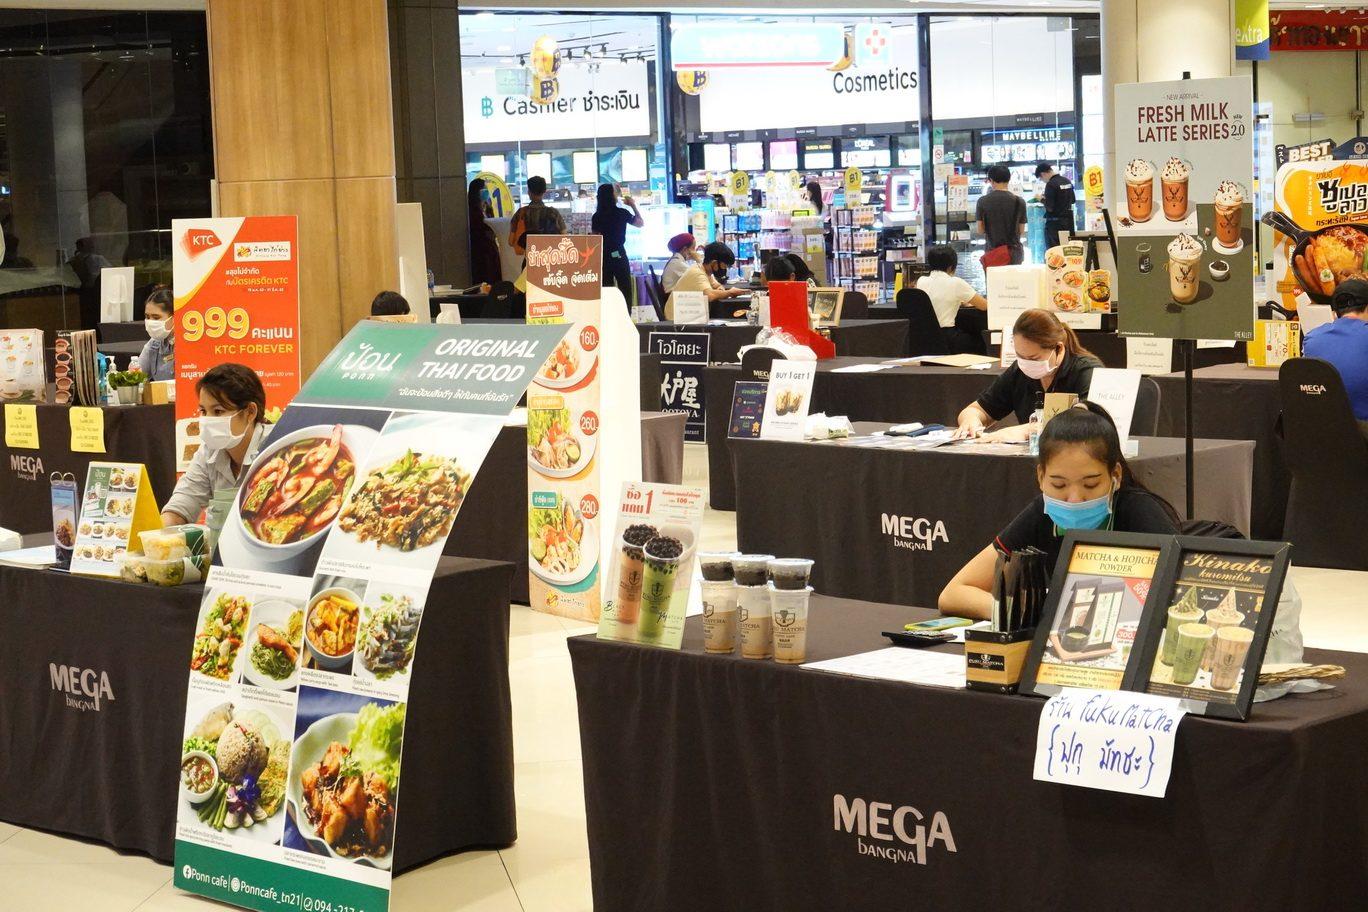 เมกาบางนา ขนร้านอาหารกว่า 100 ร้าน ให้ส่วนลดกลับไปกินที่บ้าน หนุนมาตรการ Social Distancing